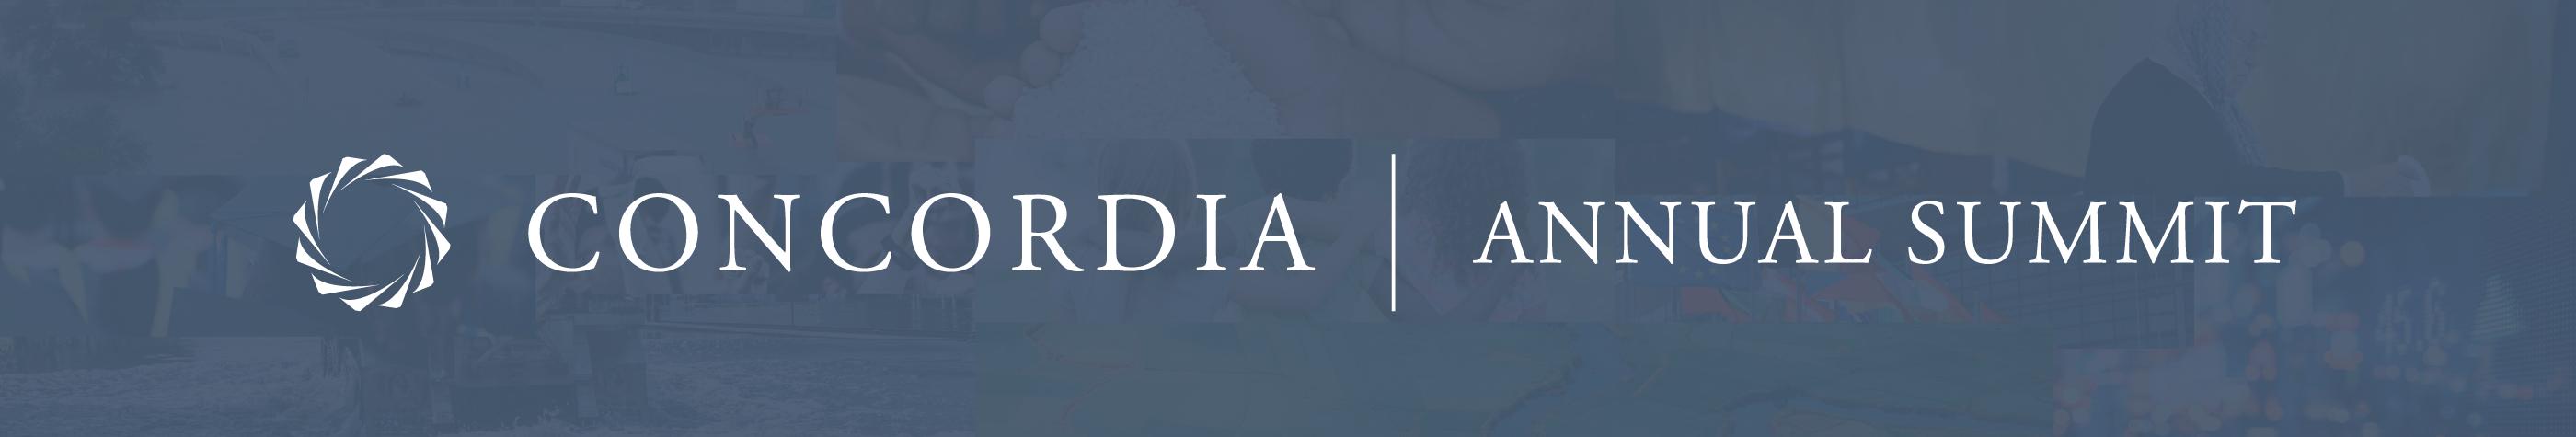 The 2018 Concordia Annual Summit | Concordia